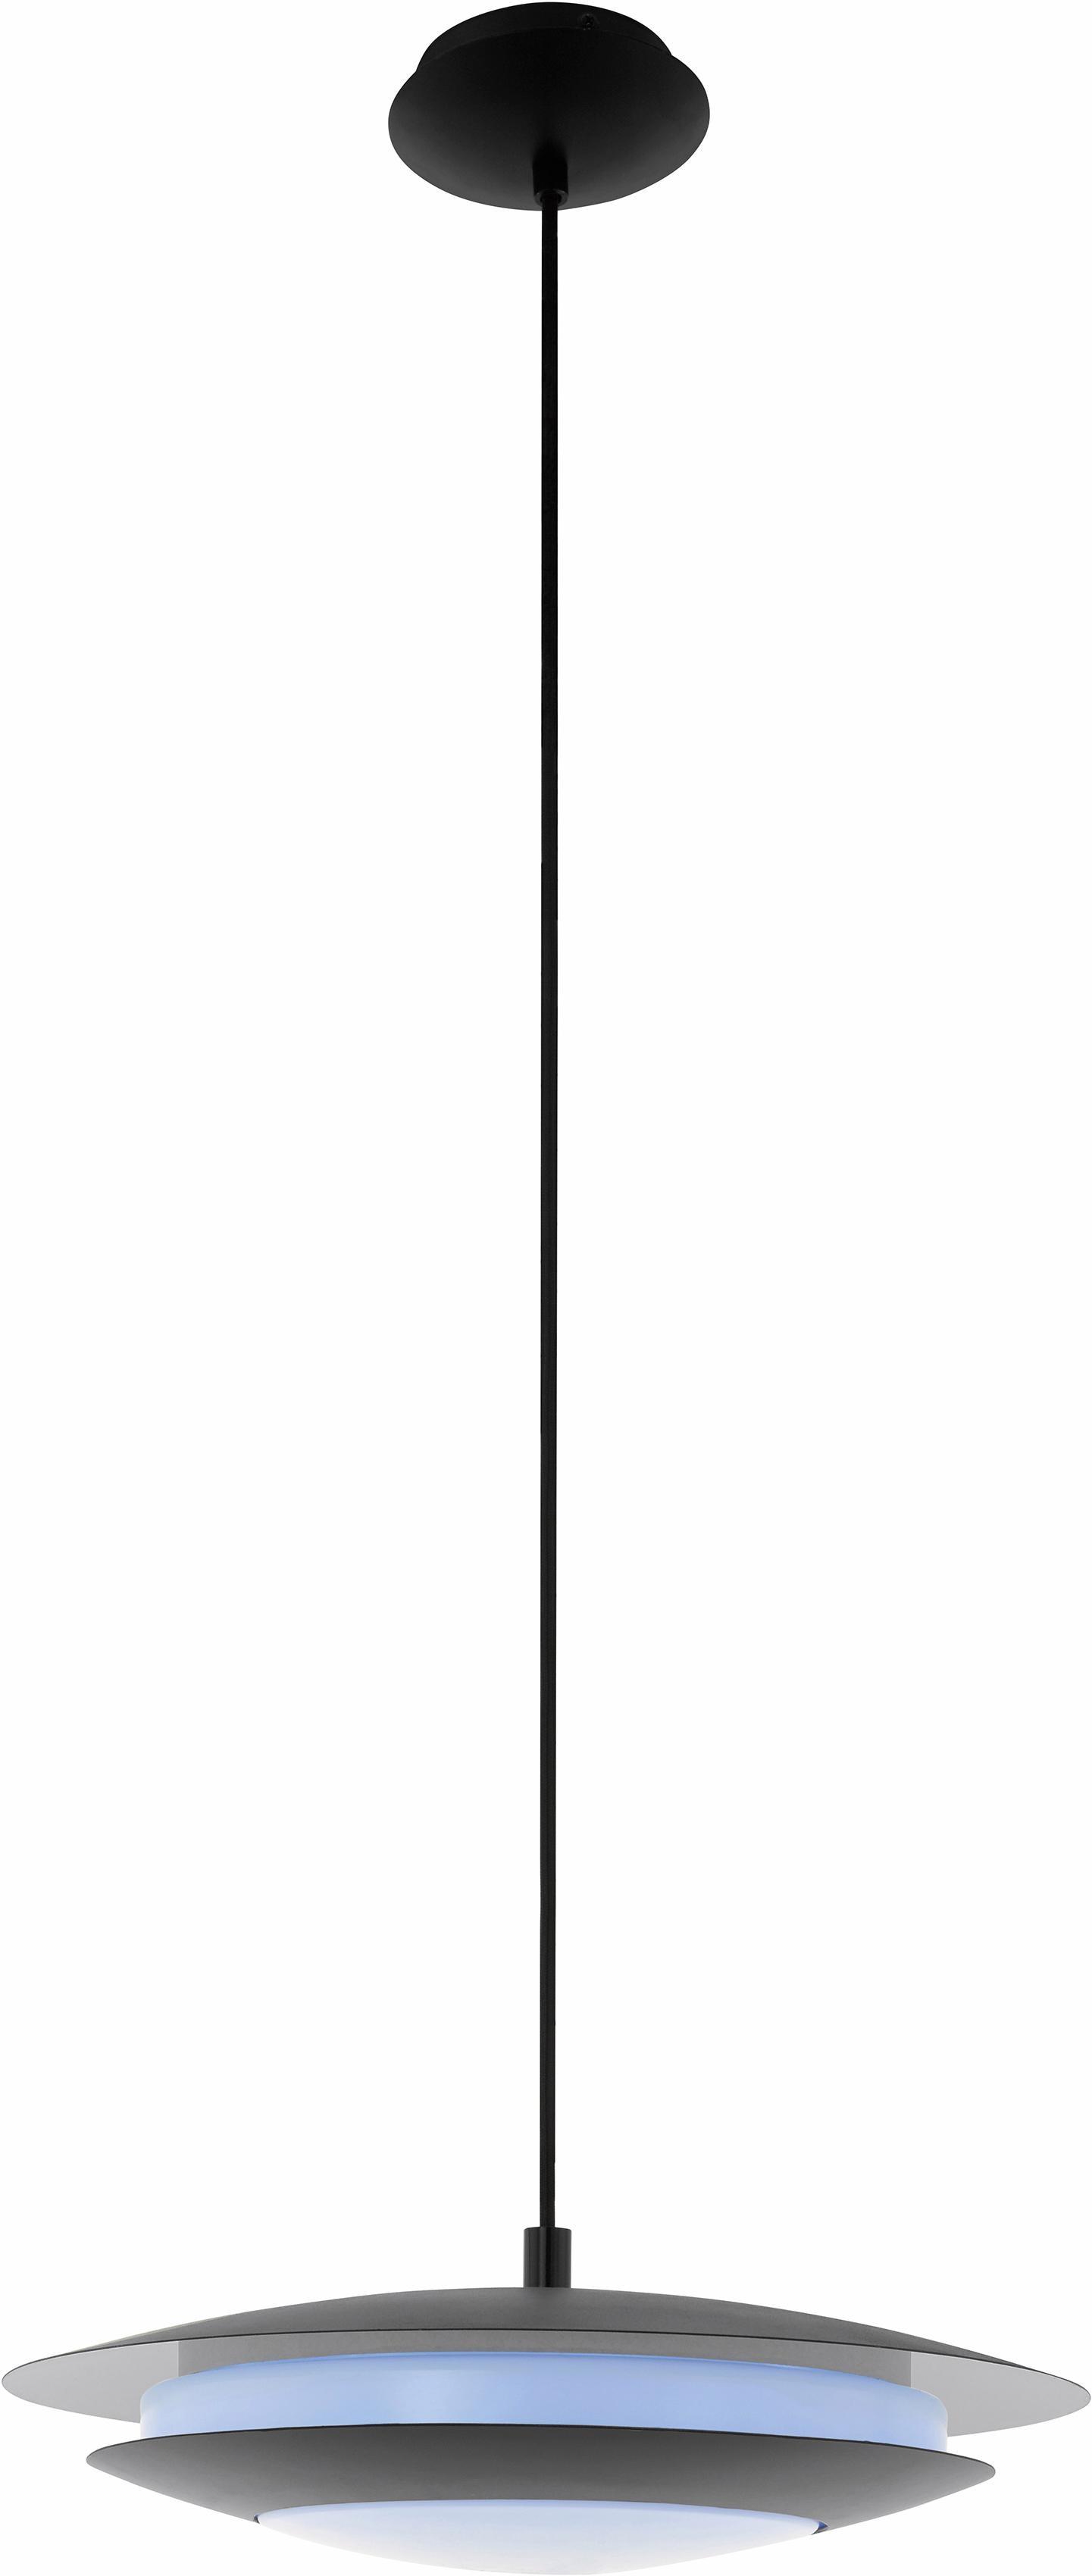 EGLO LED Pendelleuchte MONEVA-C, LED-Board, Neutralweiß-Tageslichtweiß-Warmweiß-Kaltweiß, Hängeleuchte, EGLO CONNECT, Steuerung über APP + Fernbedienung, BLE, CCT, RGB, dimmbar, Farbwechsel